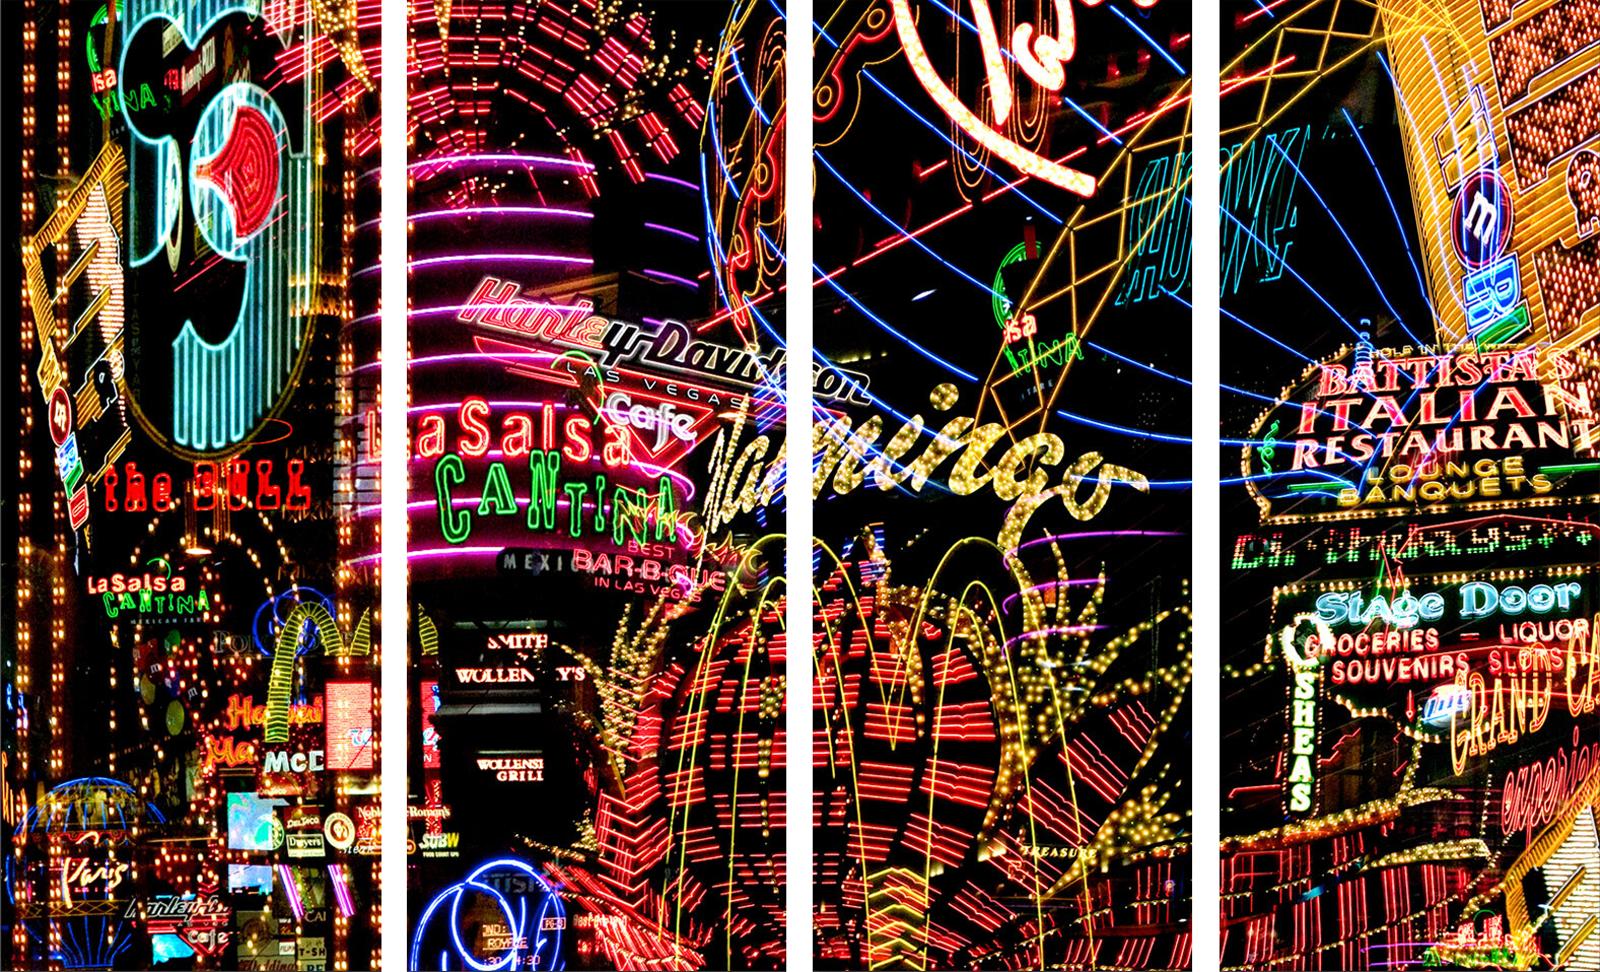 Las Vegas Lights Cantina Tetraptych - Jenny Okun